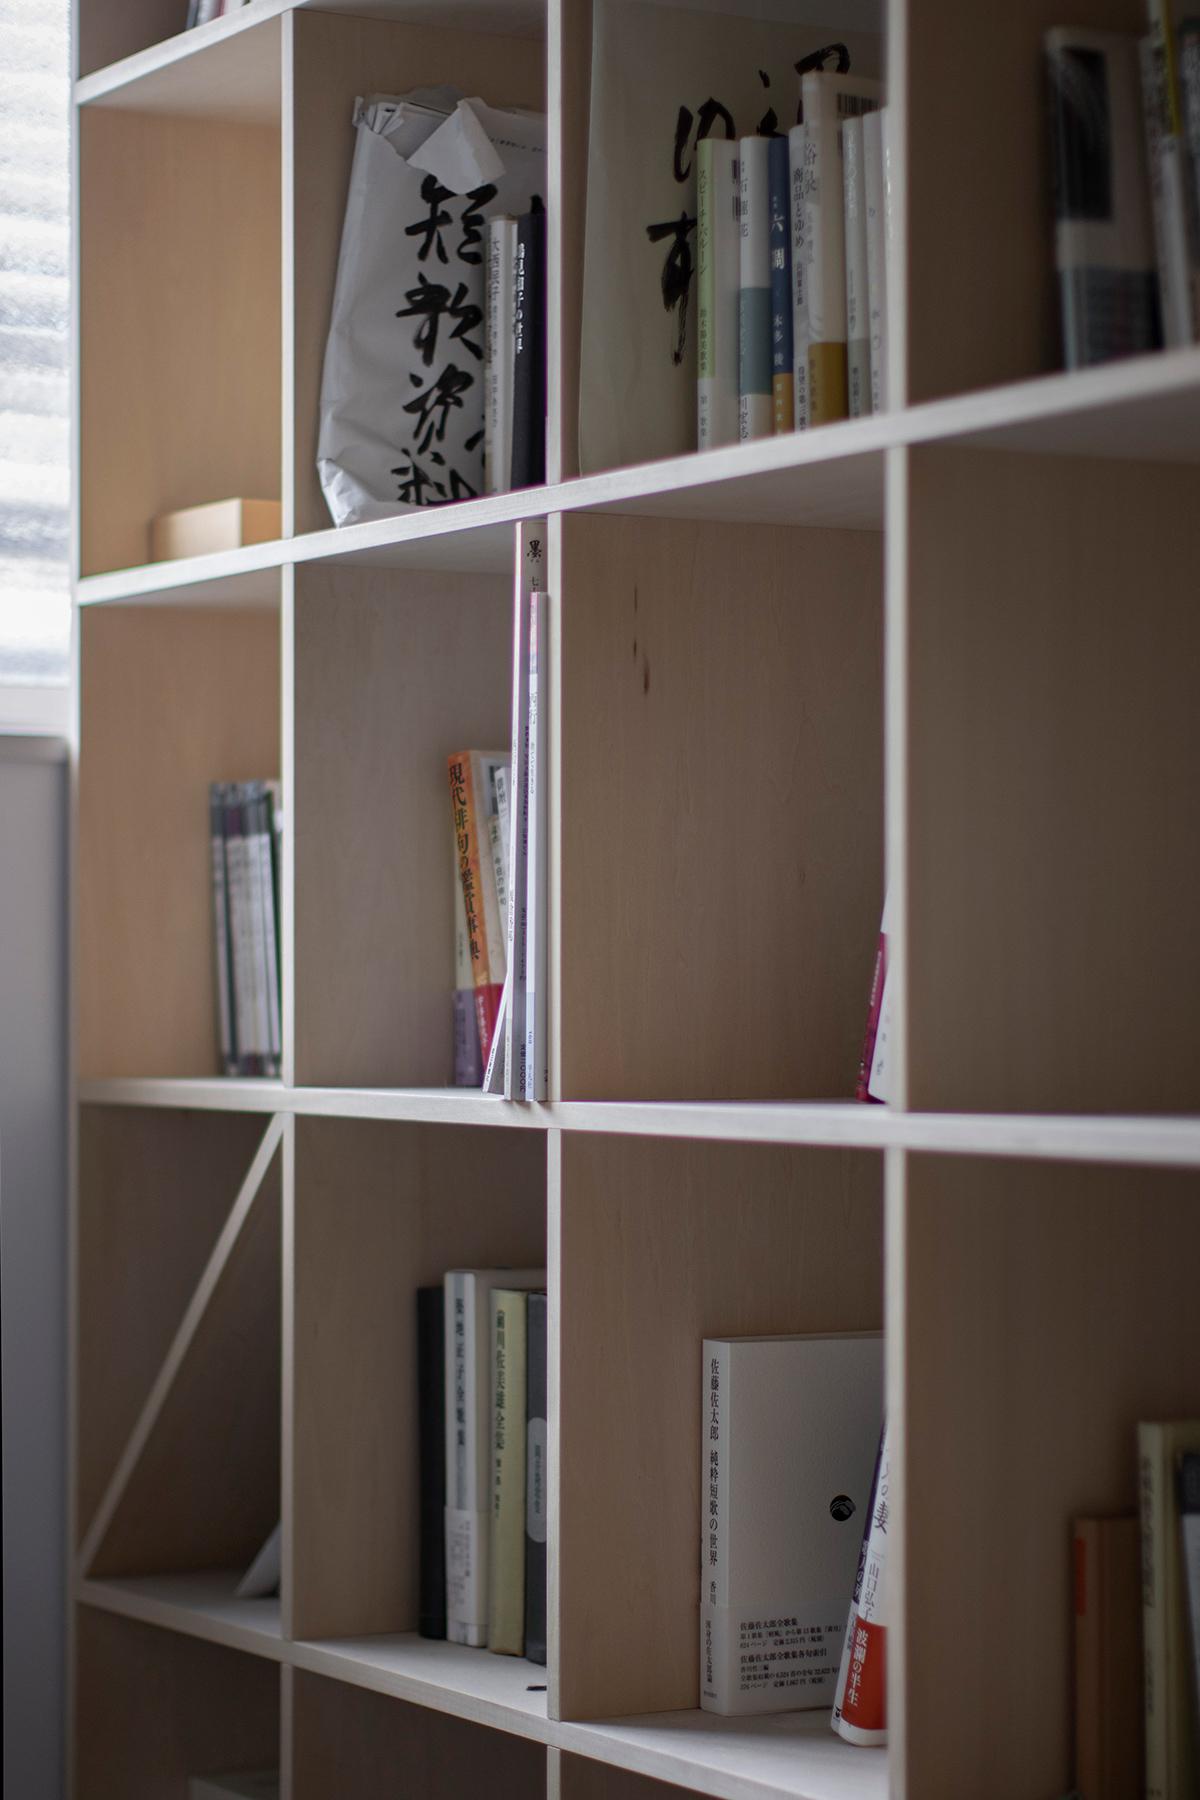 2階の広い廊下に | 壁一面の本棚 奥行250mm / Shelf (No.87) | マルゲリータ使用例 シンプル おしゃれ 部屋 インテリア レイアウト